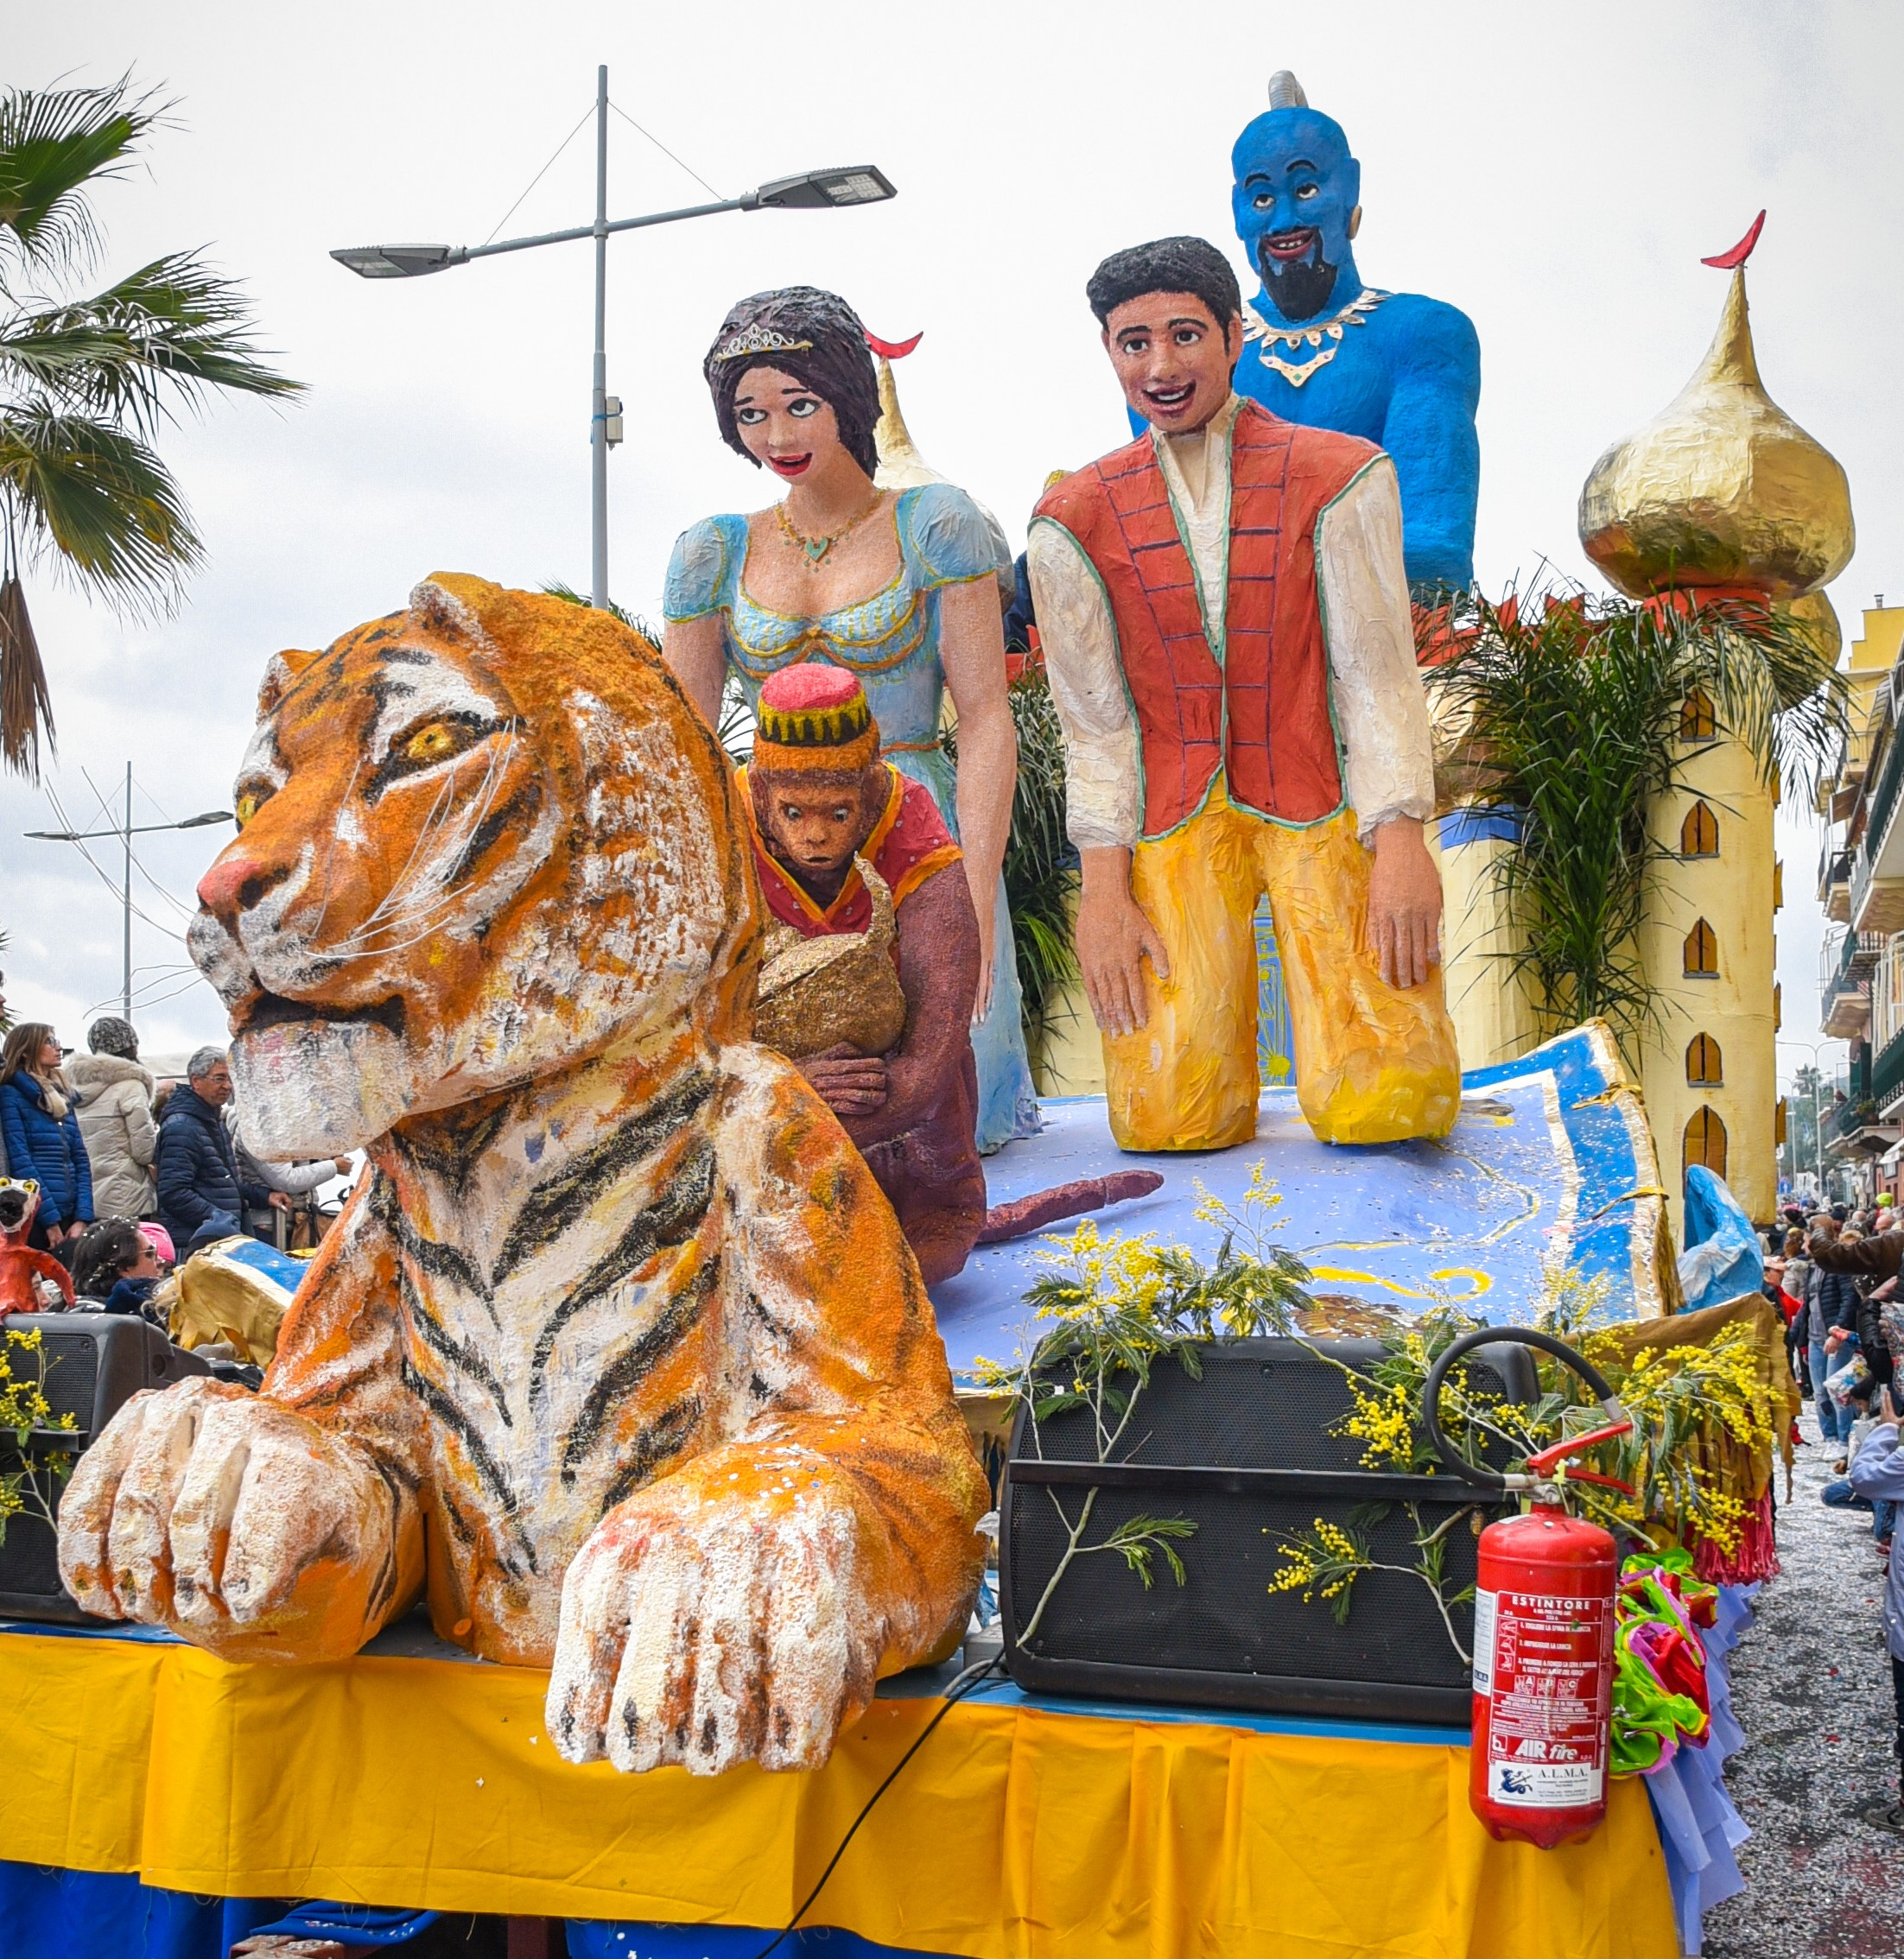 Carnevaloa 2020